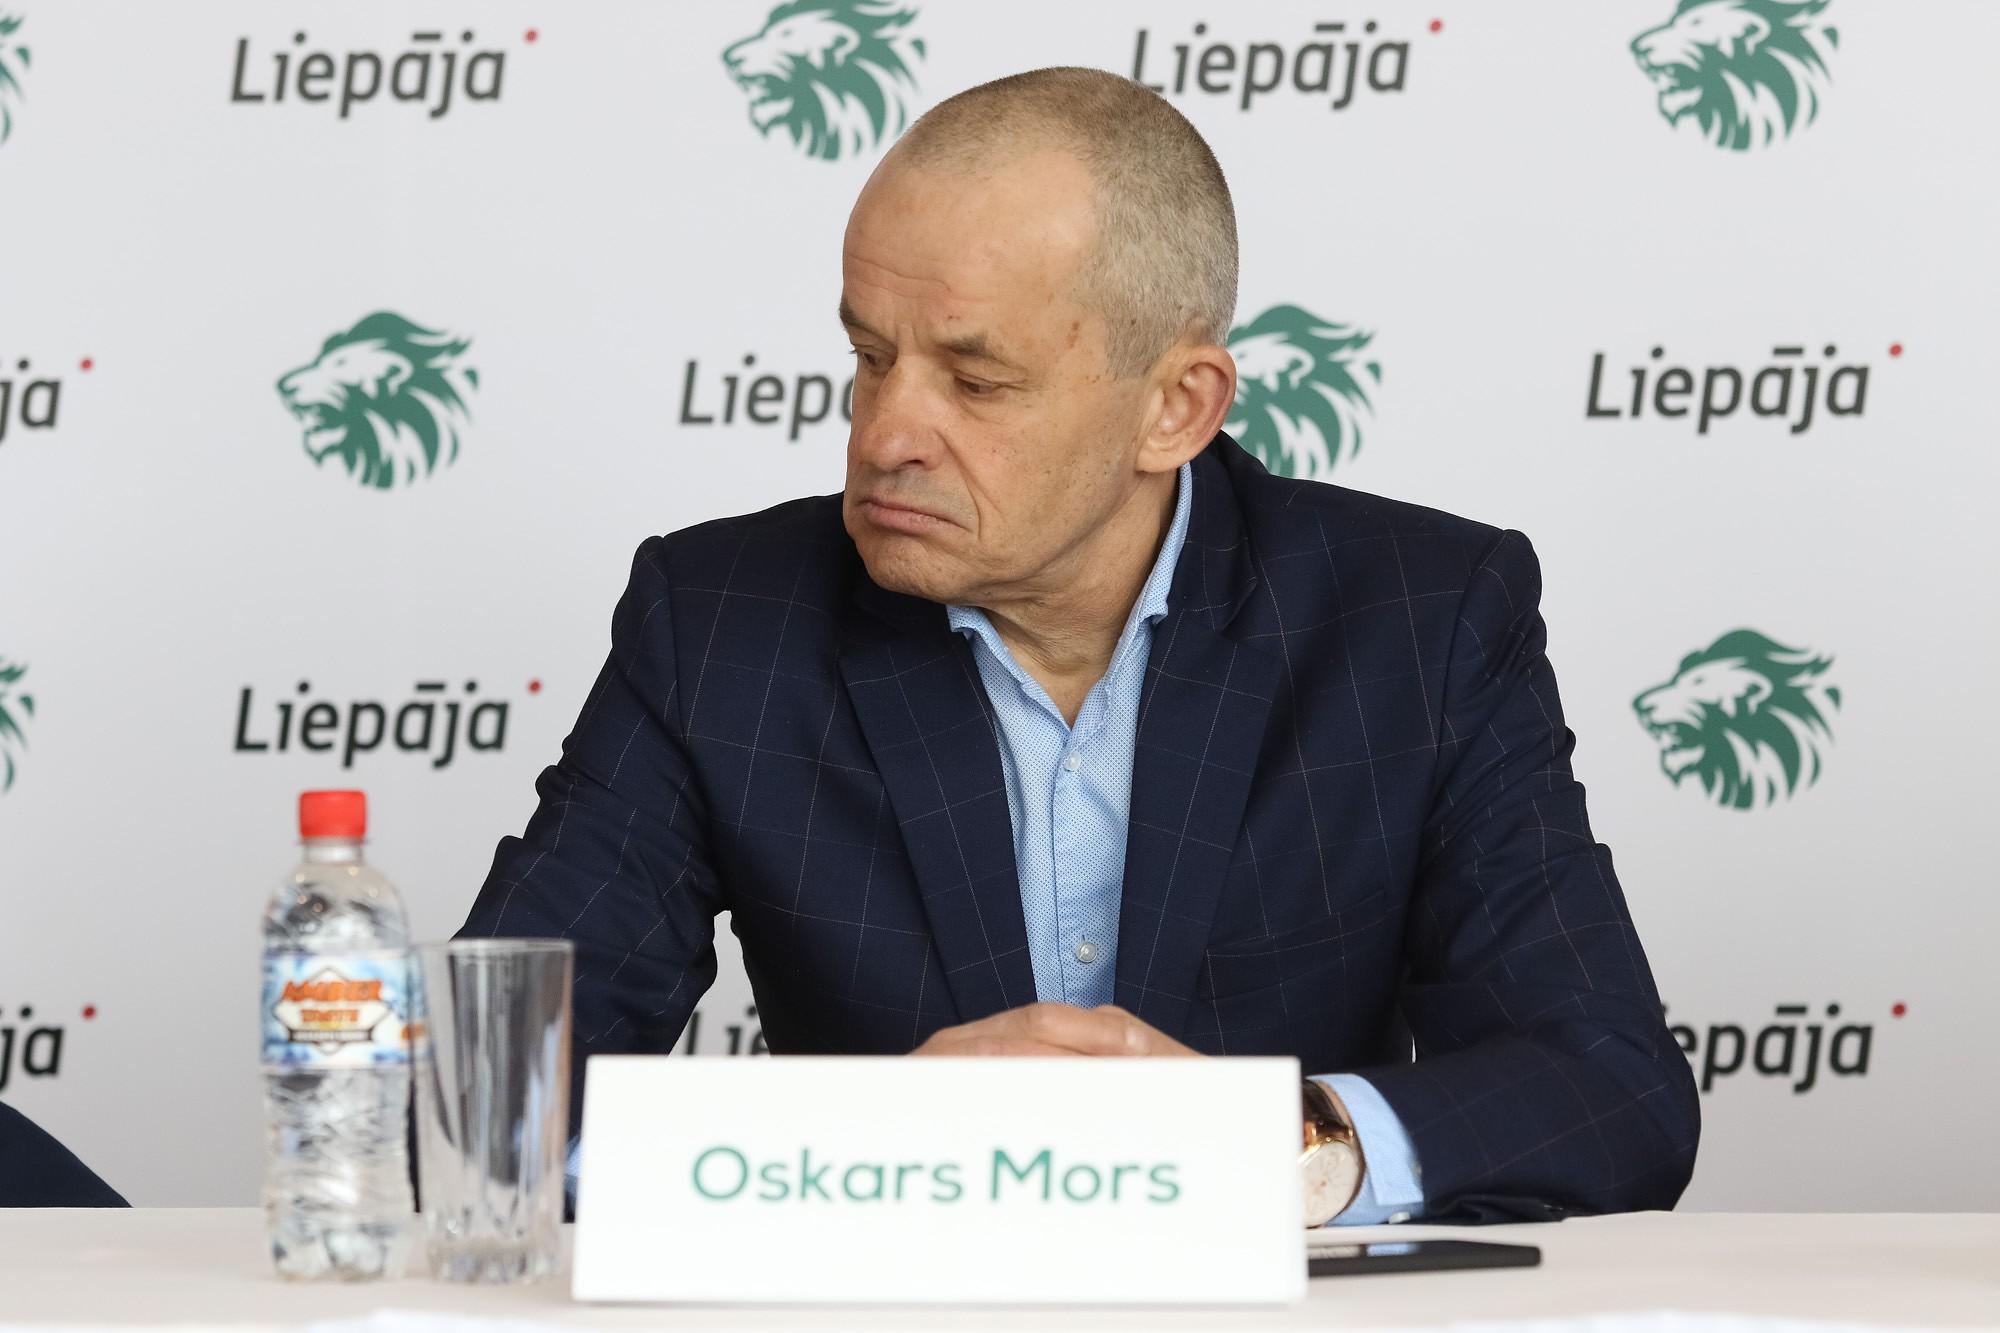 Oskars Mors ievēlēts LHF valdē